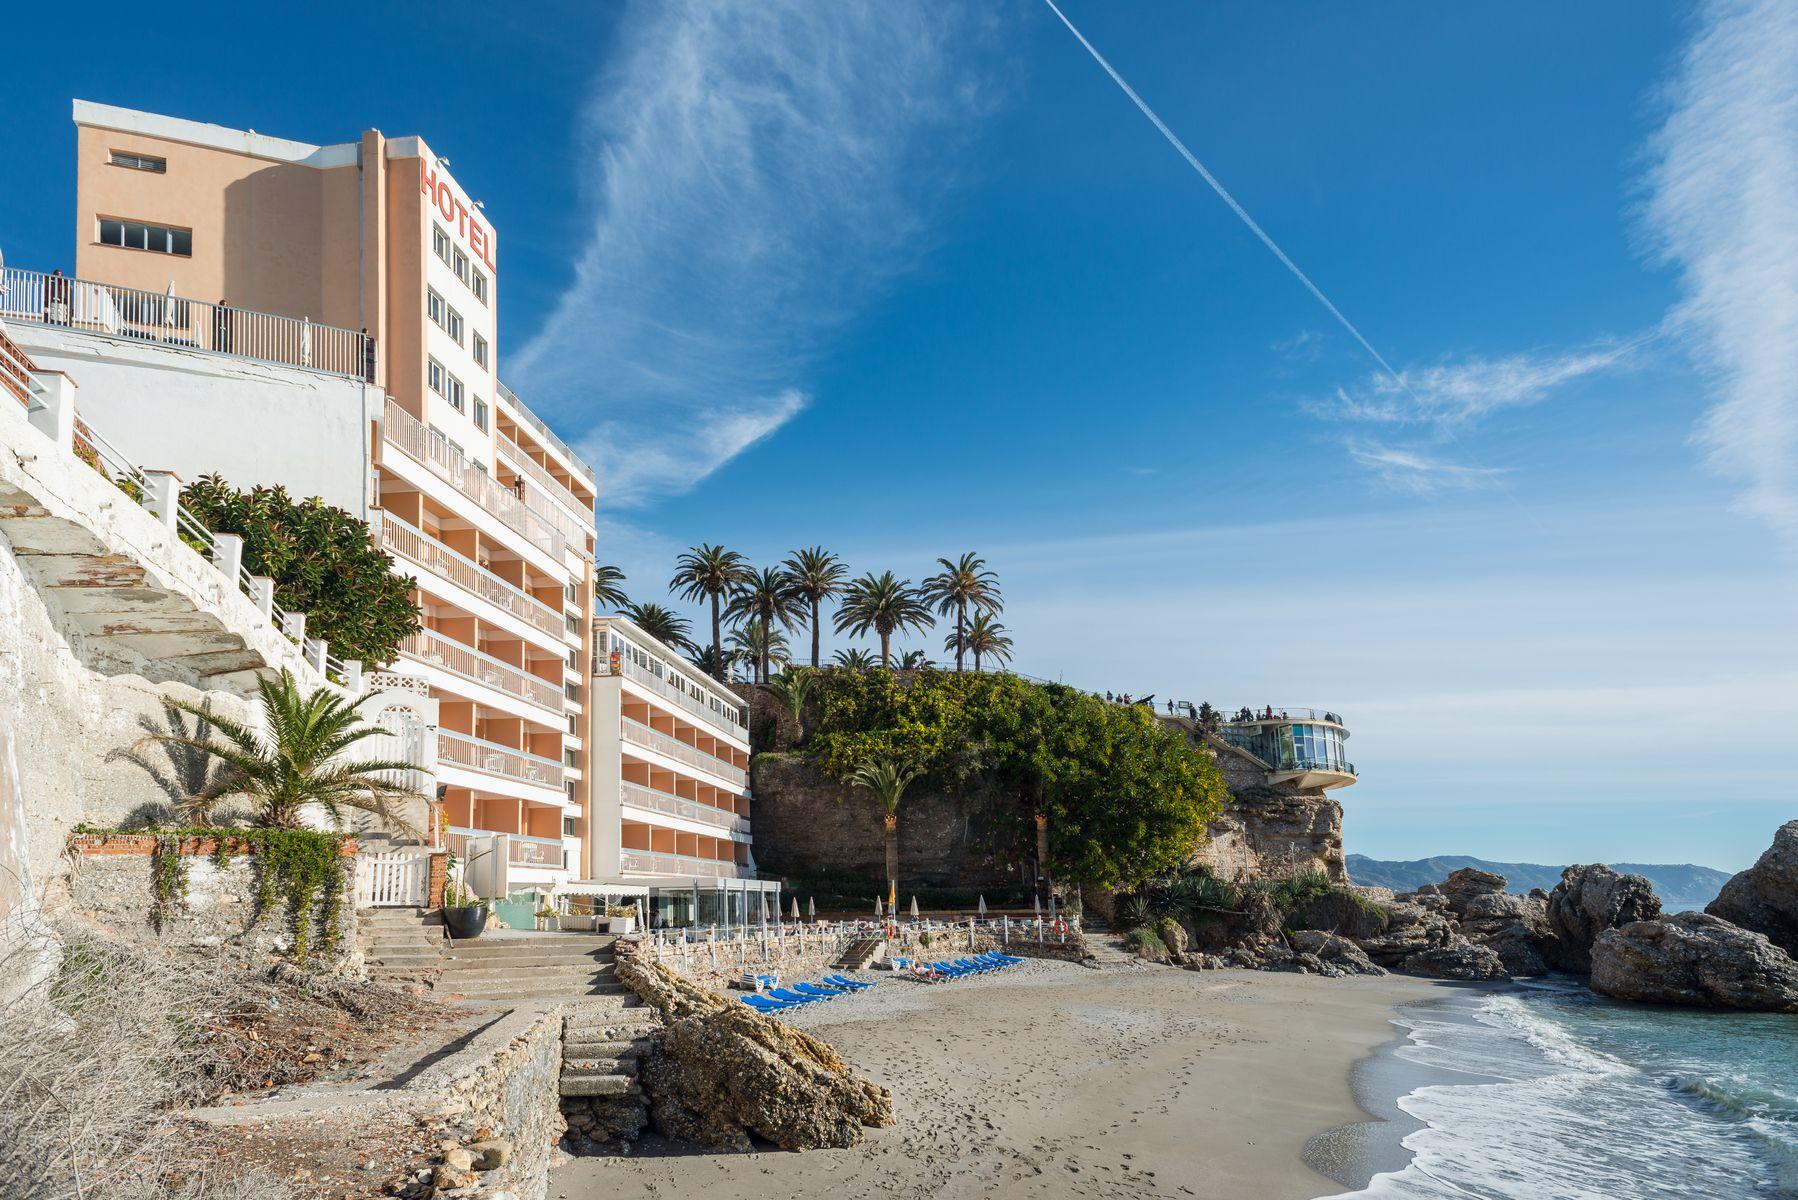 Hotel Balcon De Europa Andalusien Hideaways